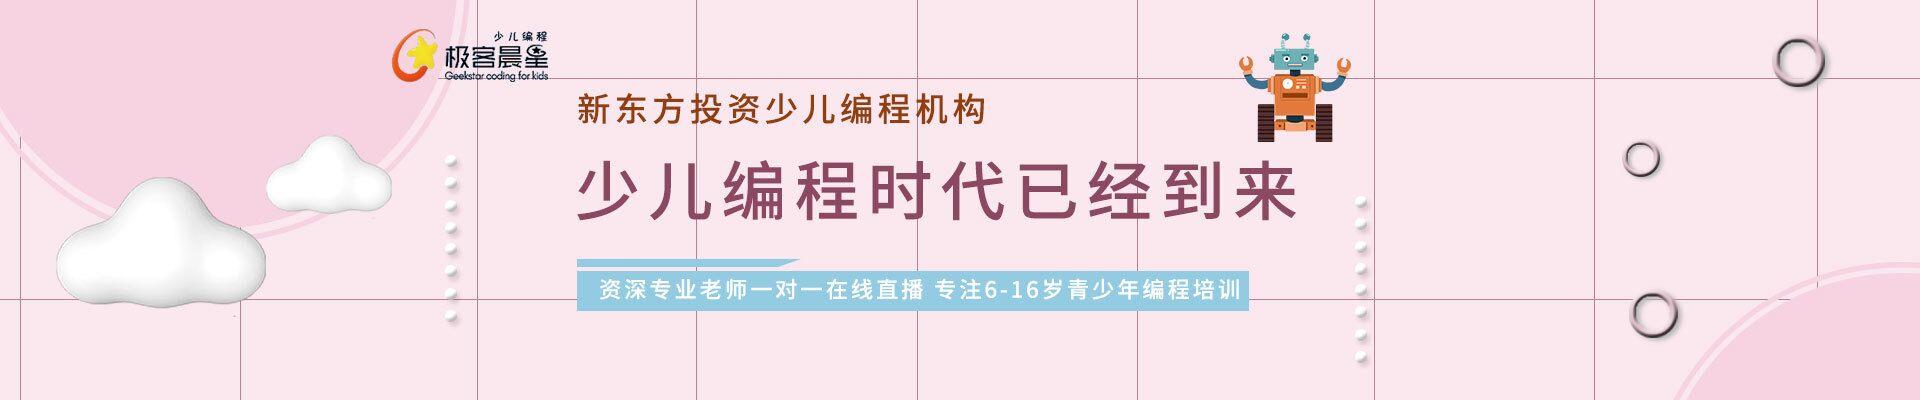 吉林船营区临江门广场极客晨星少儿编程培训